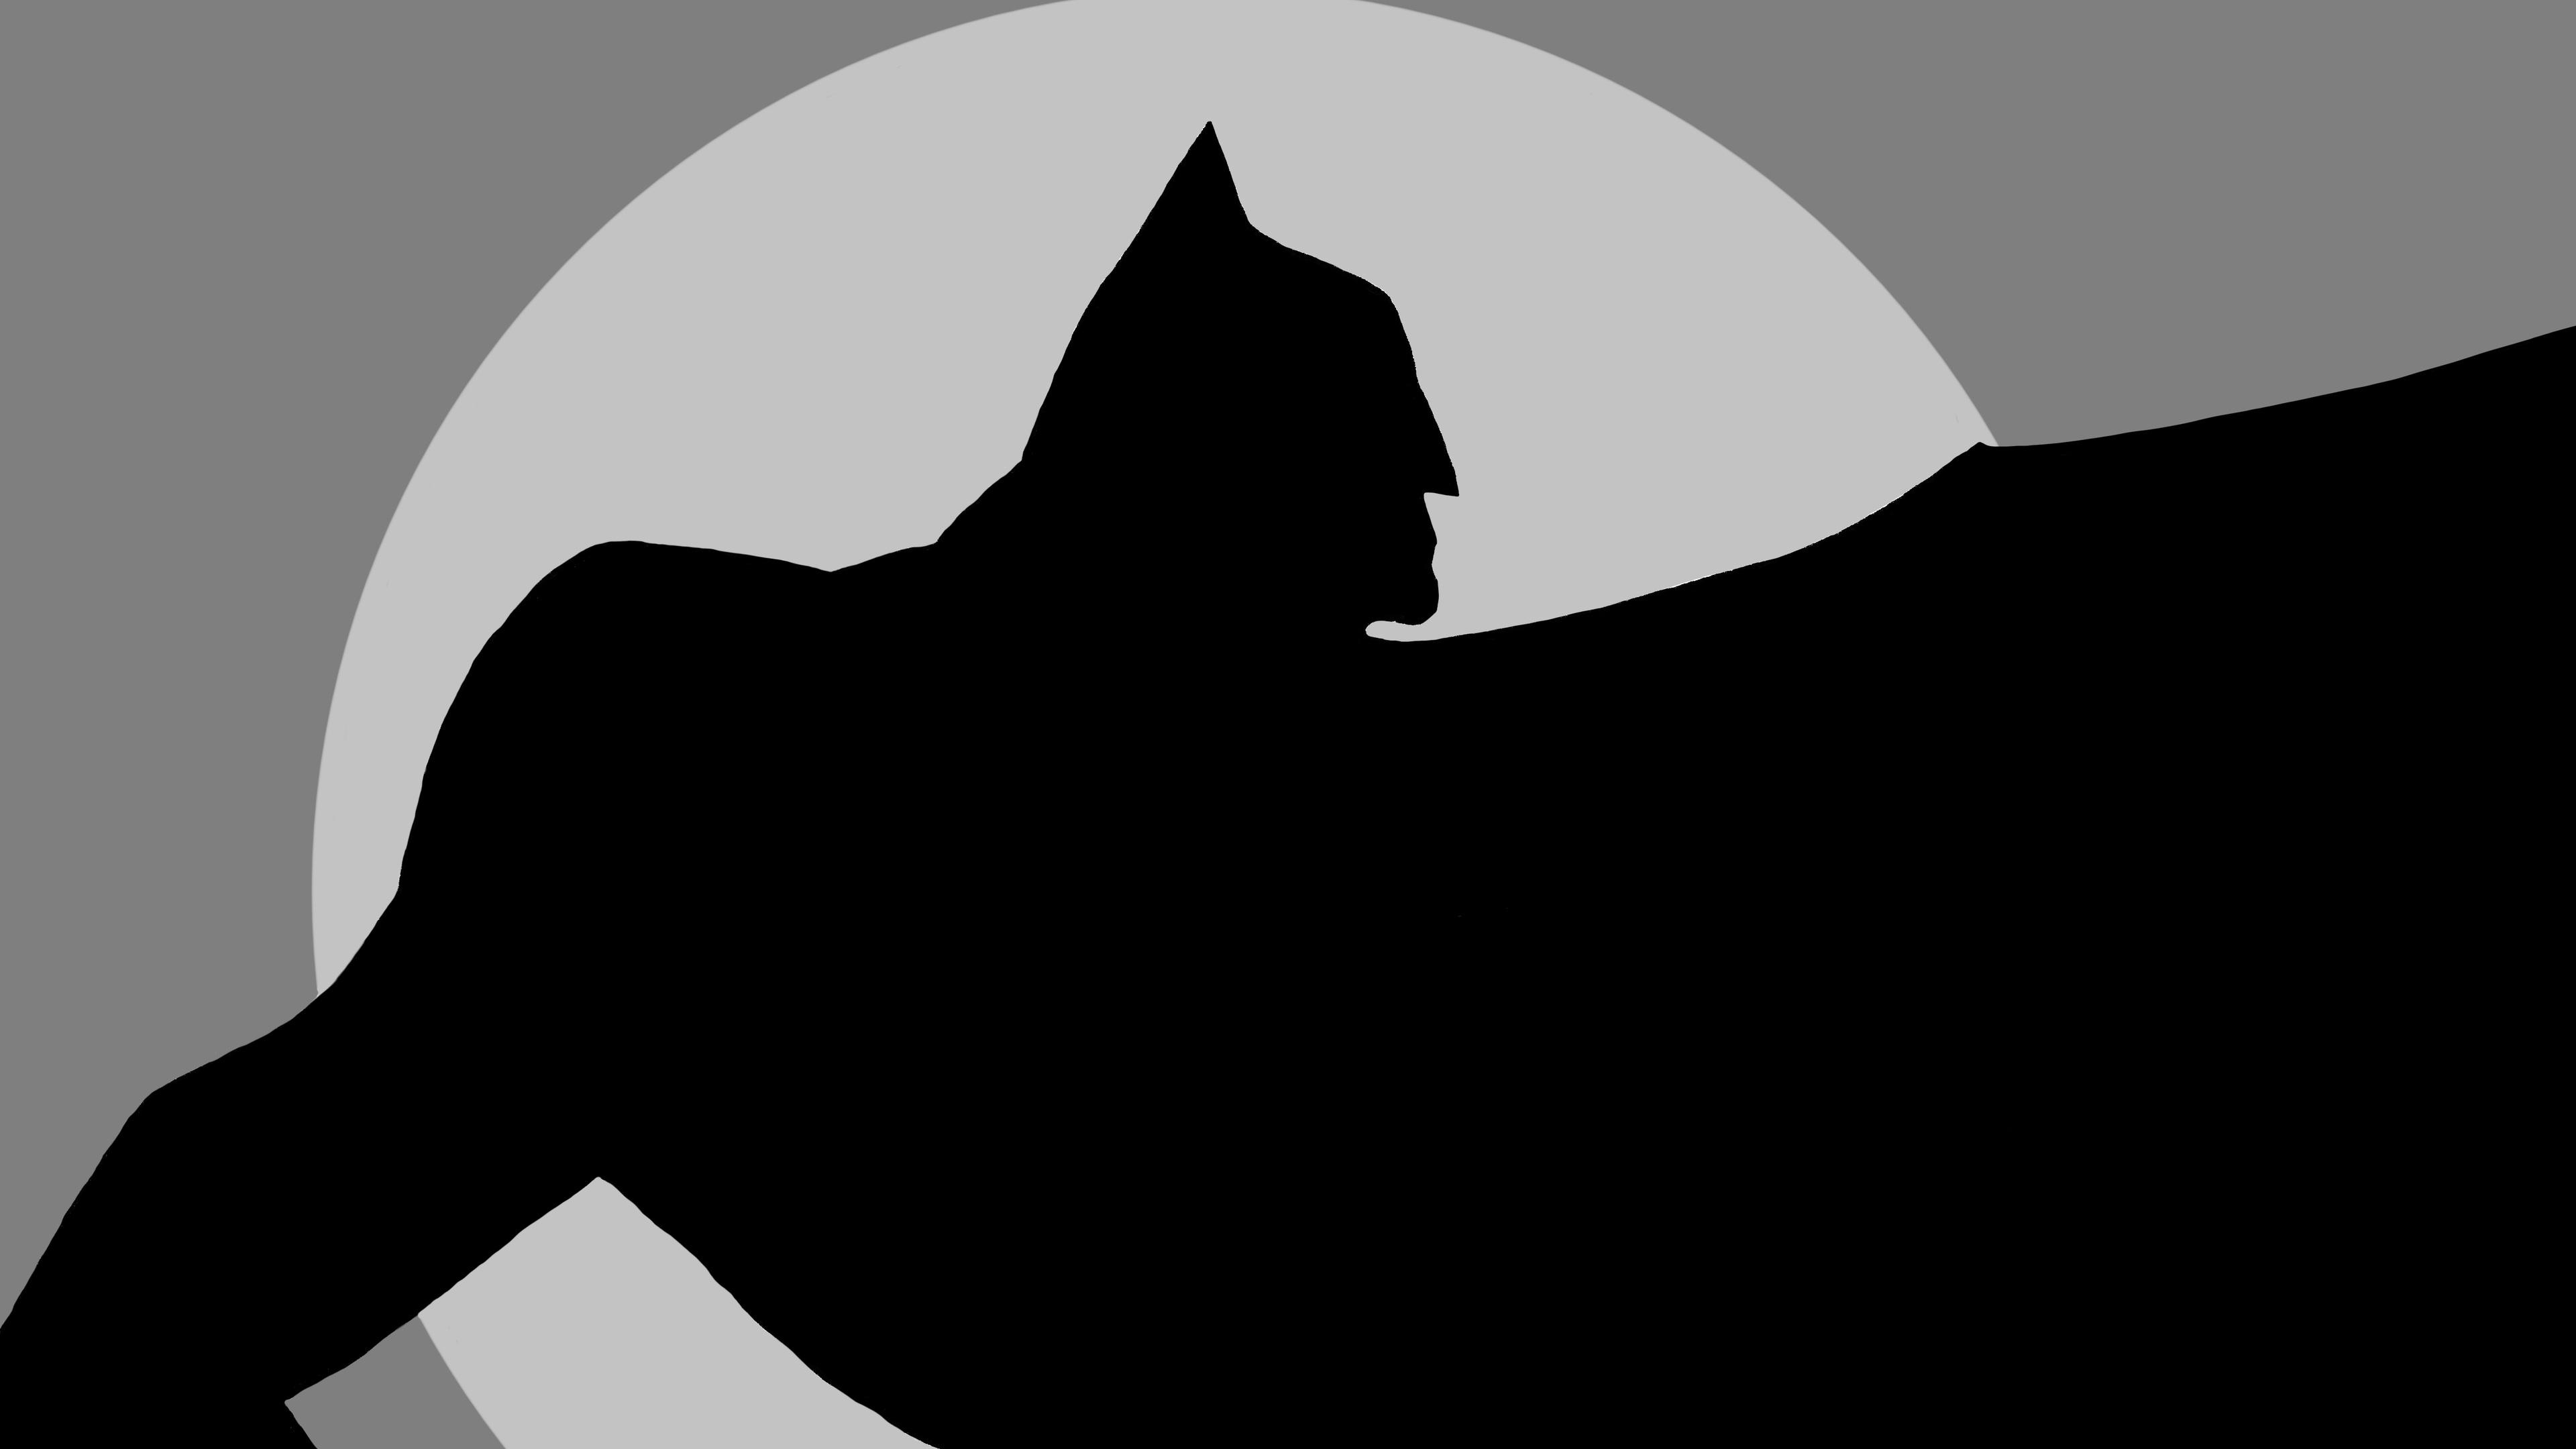 batman minimalism 5k 1536507605 - Batman Minimalism 5k - superheroes wallpapers, minimalism wallpapers, hd-wallpapers, digital art wallpapers, batman wallpapers, artwork wallpapers, artist wallpapers, 5k wallpapers, 4k-wallpapers